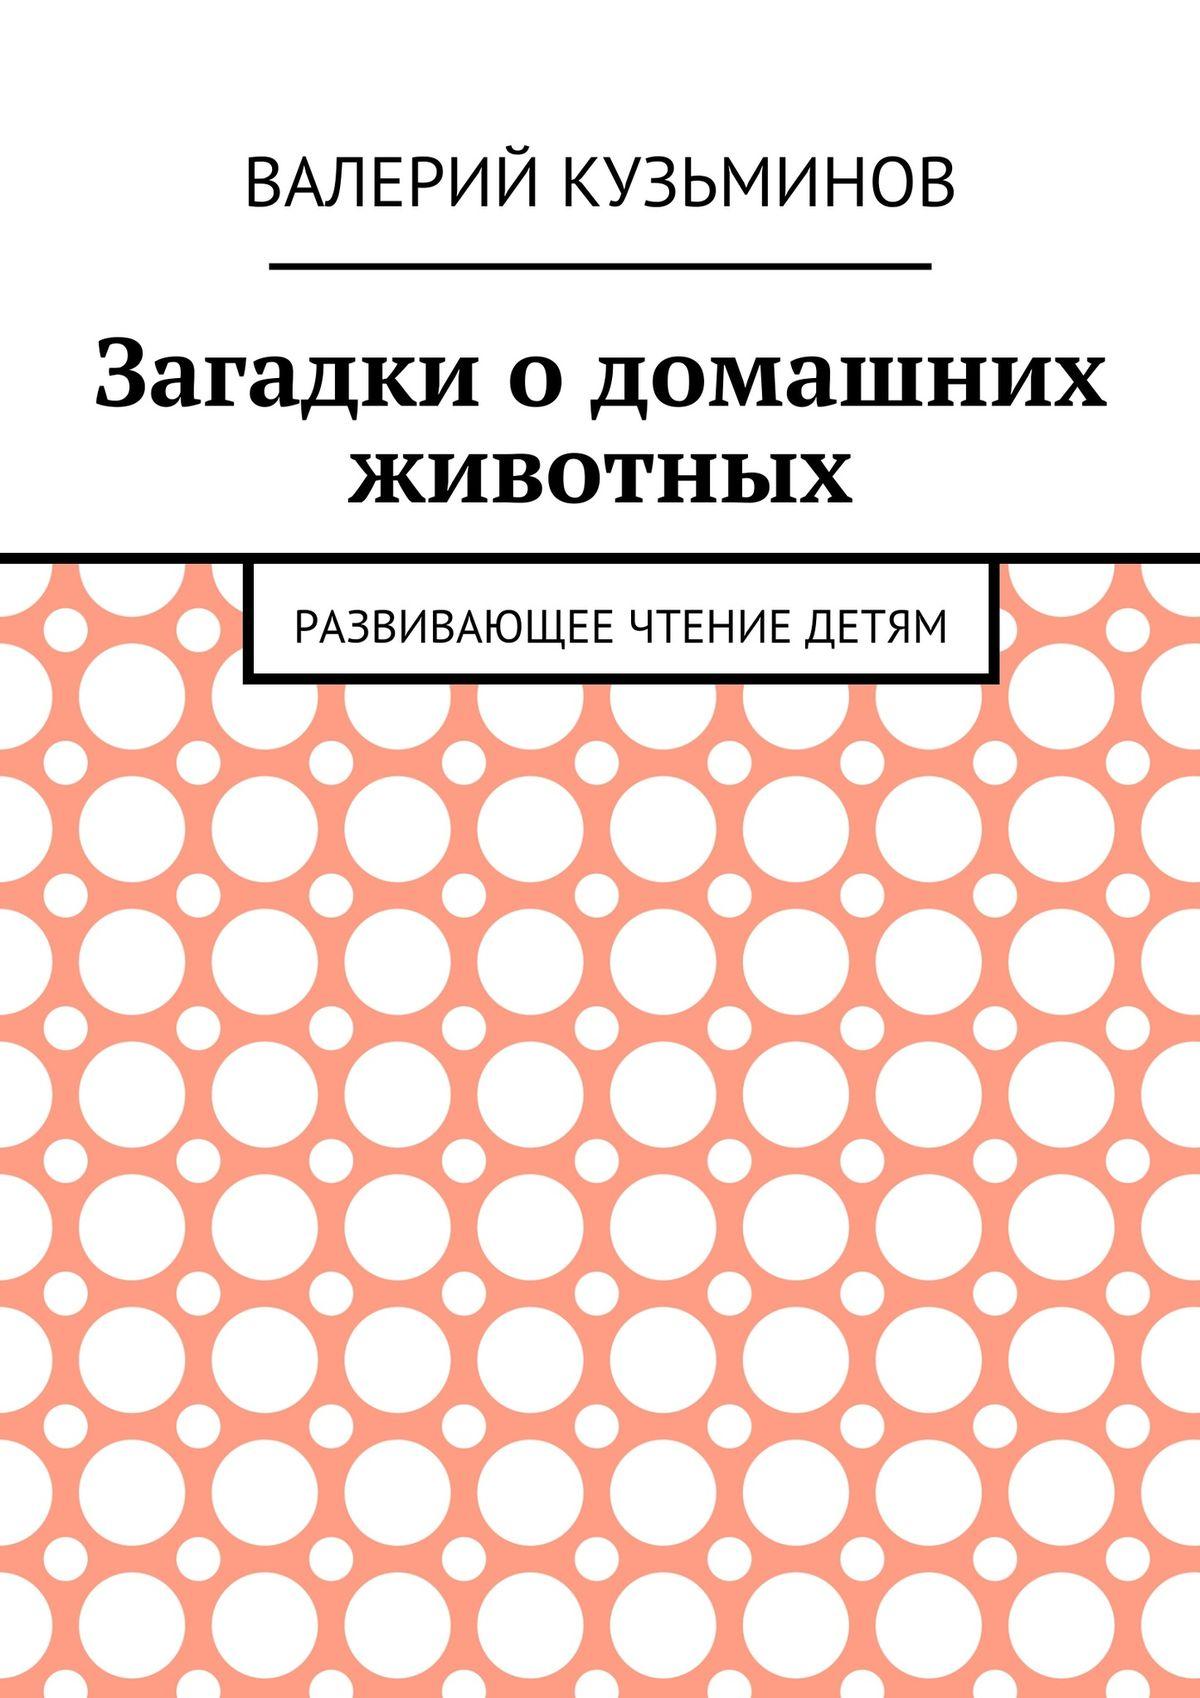 Валерий Васильевич Кузьминов Загадки о домашних животных. Развивающее чтение детям валерий кузьминов загадки с